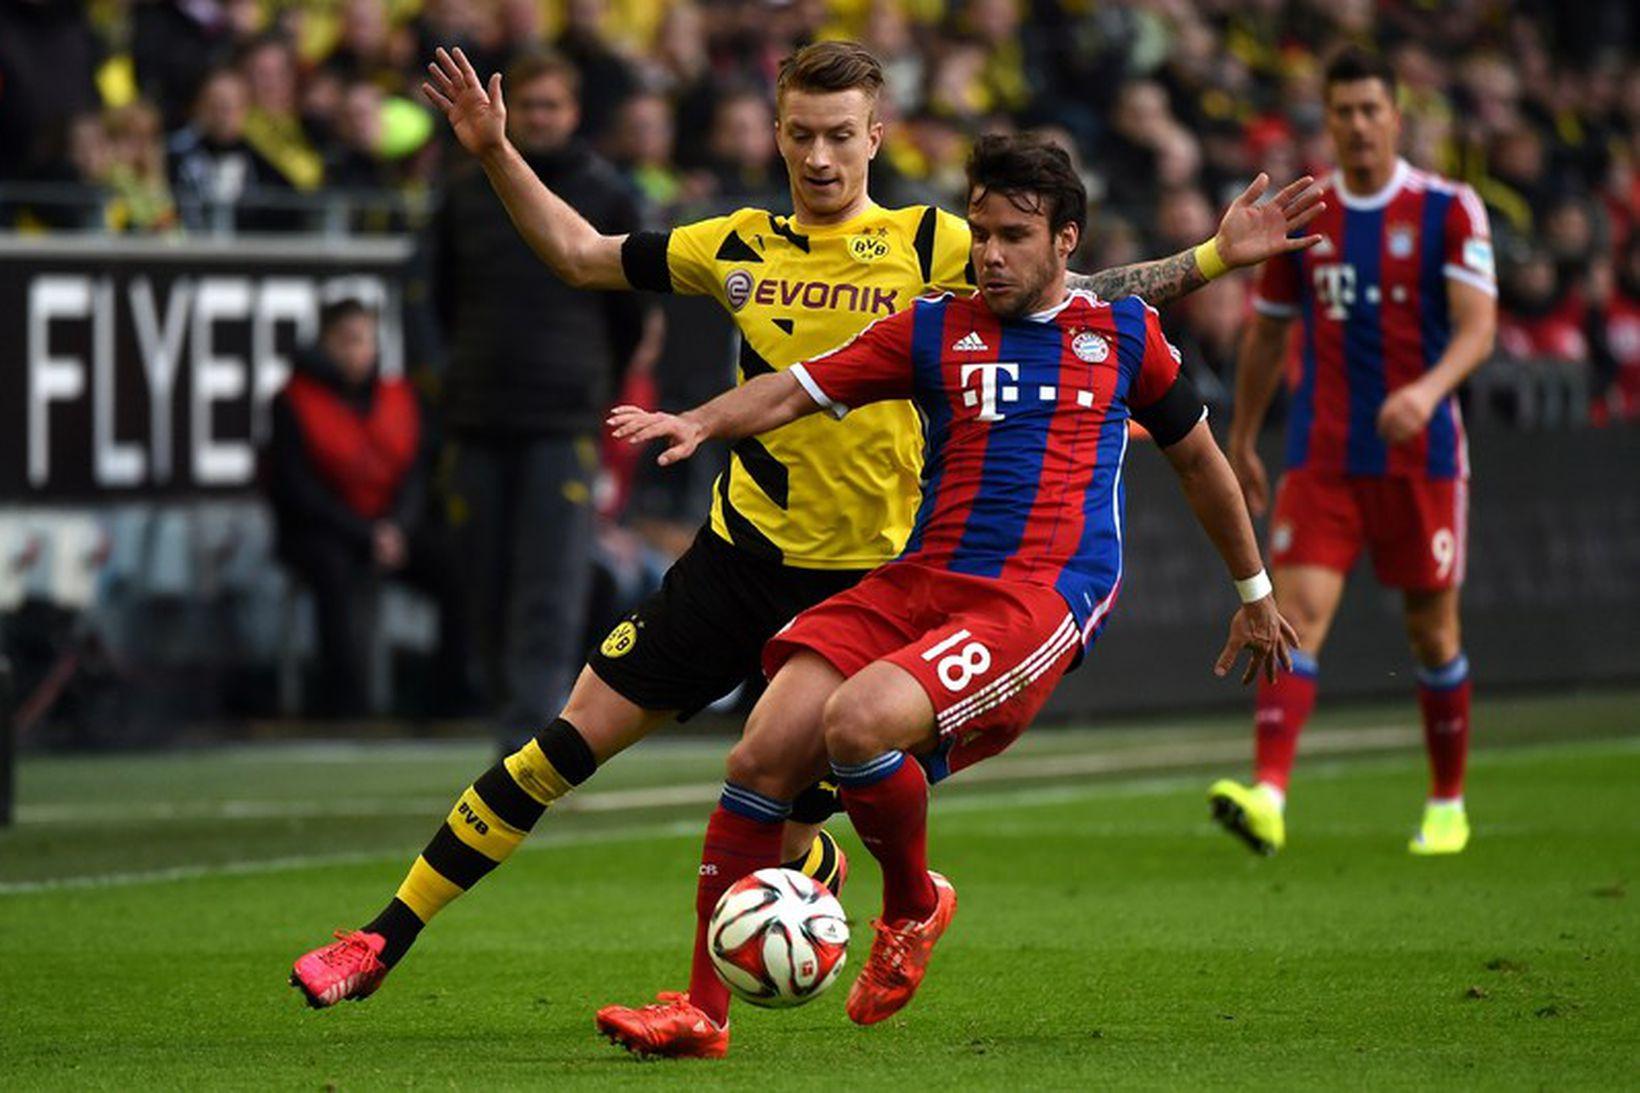 Bayern München og Borussia Dortmund eru harðir keppinautar en sýna …